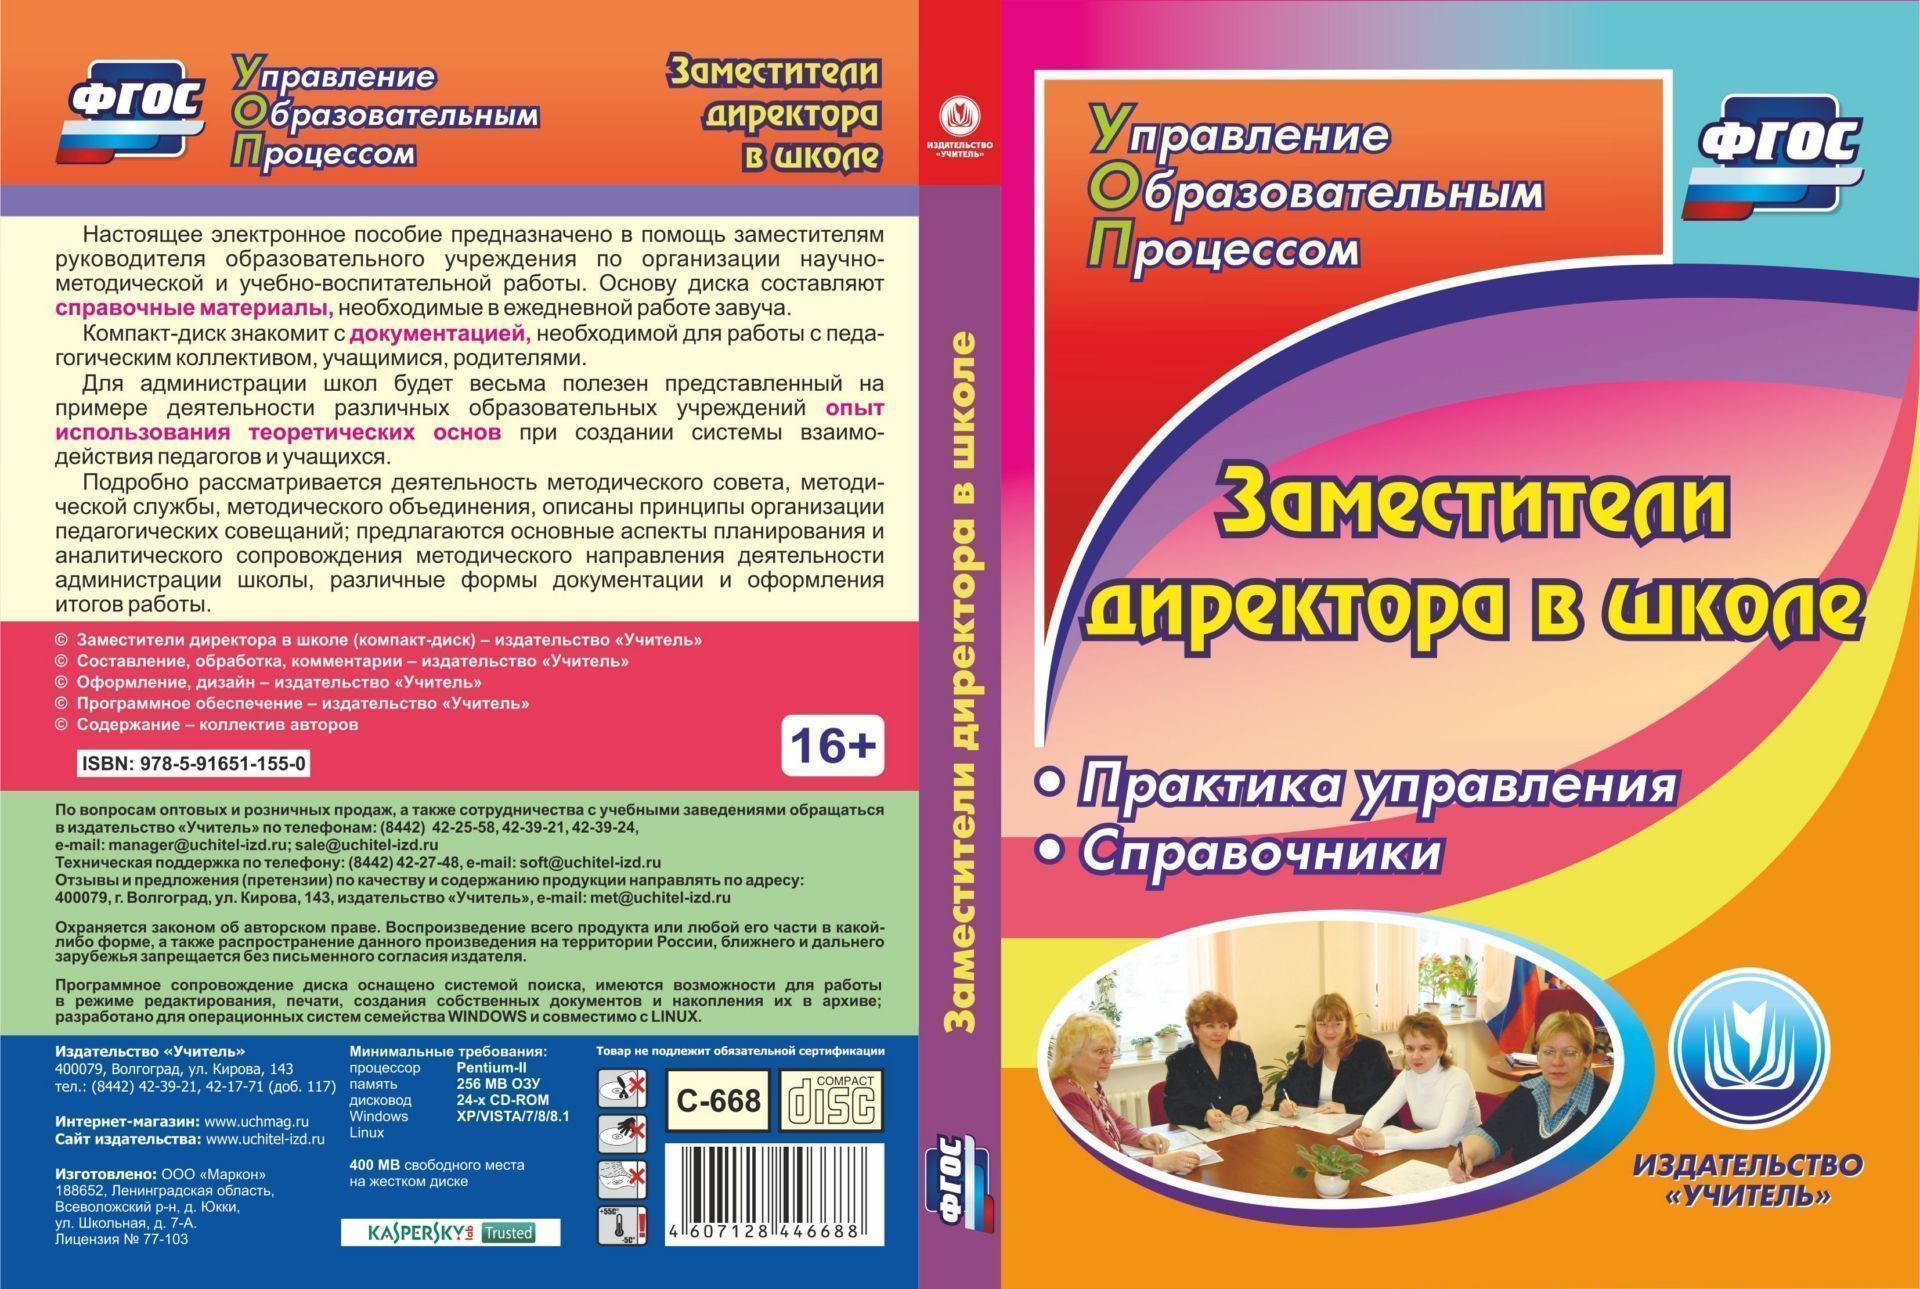 Заместители директора в школе. Практика управления. Справочники. Программа для установки через Интернет